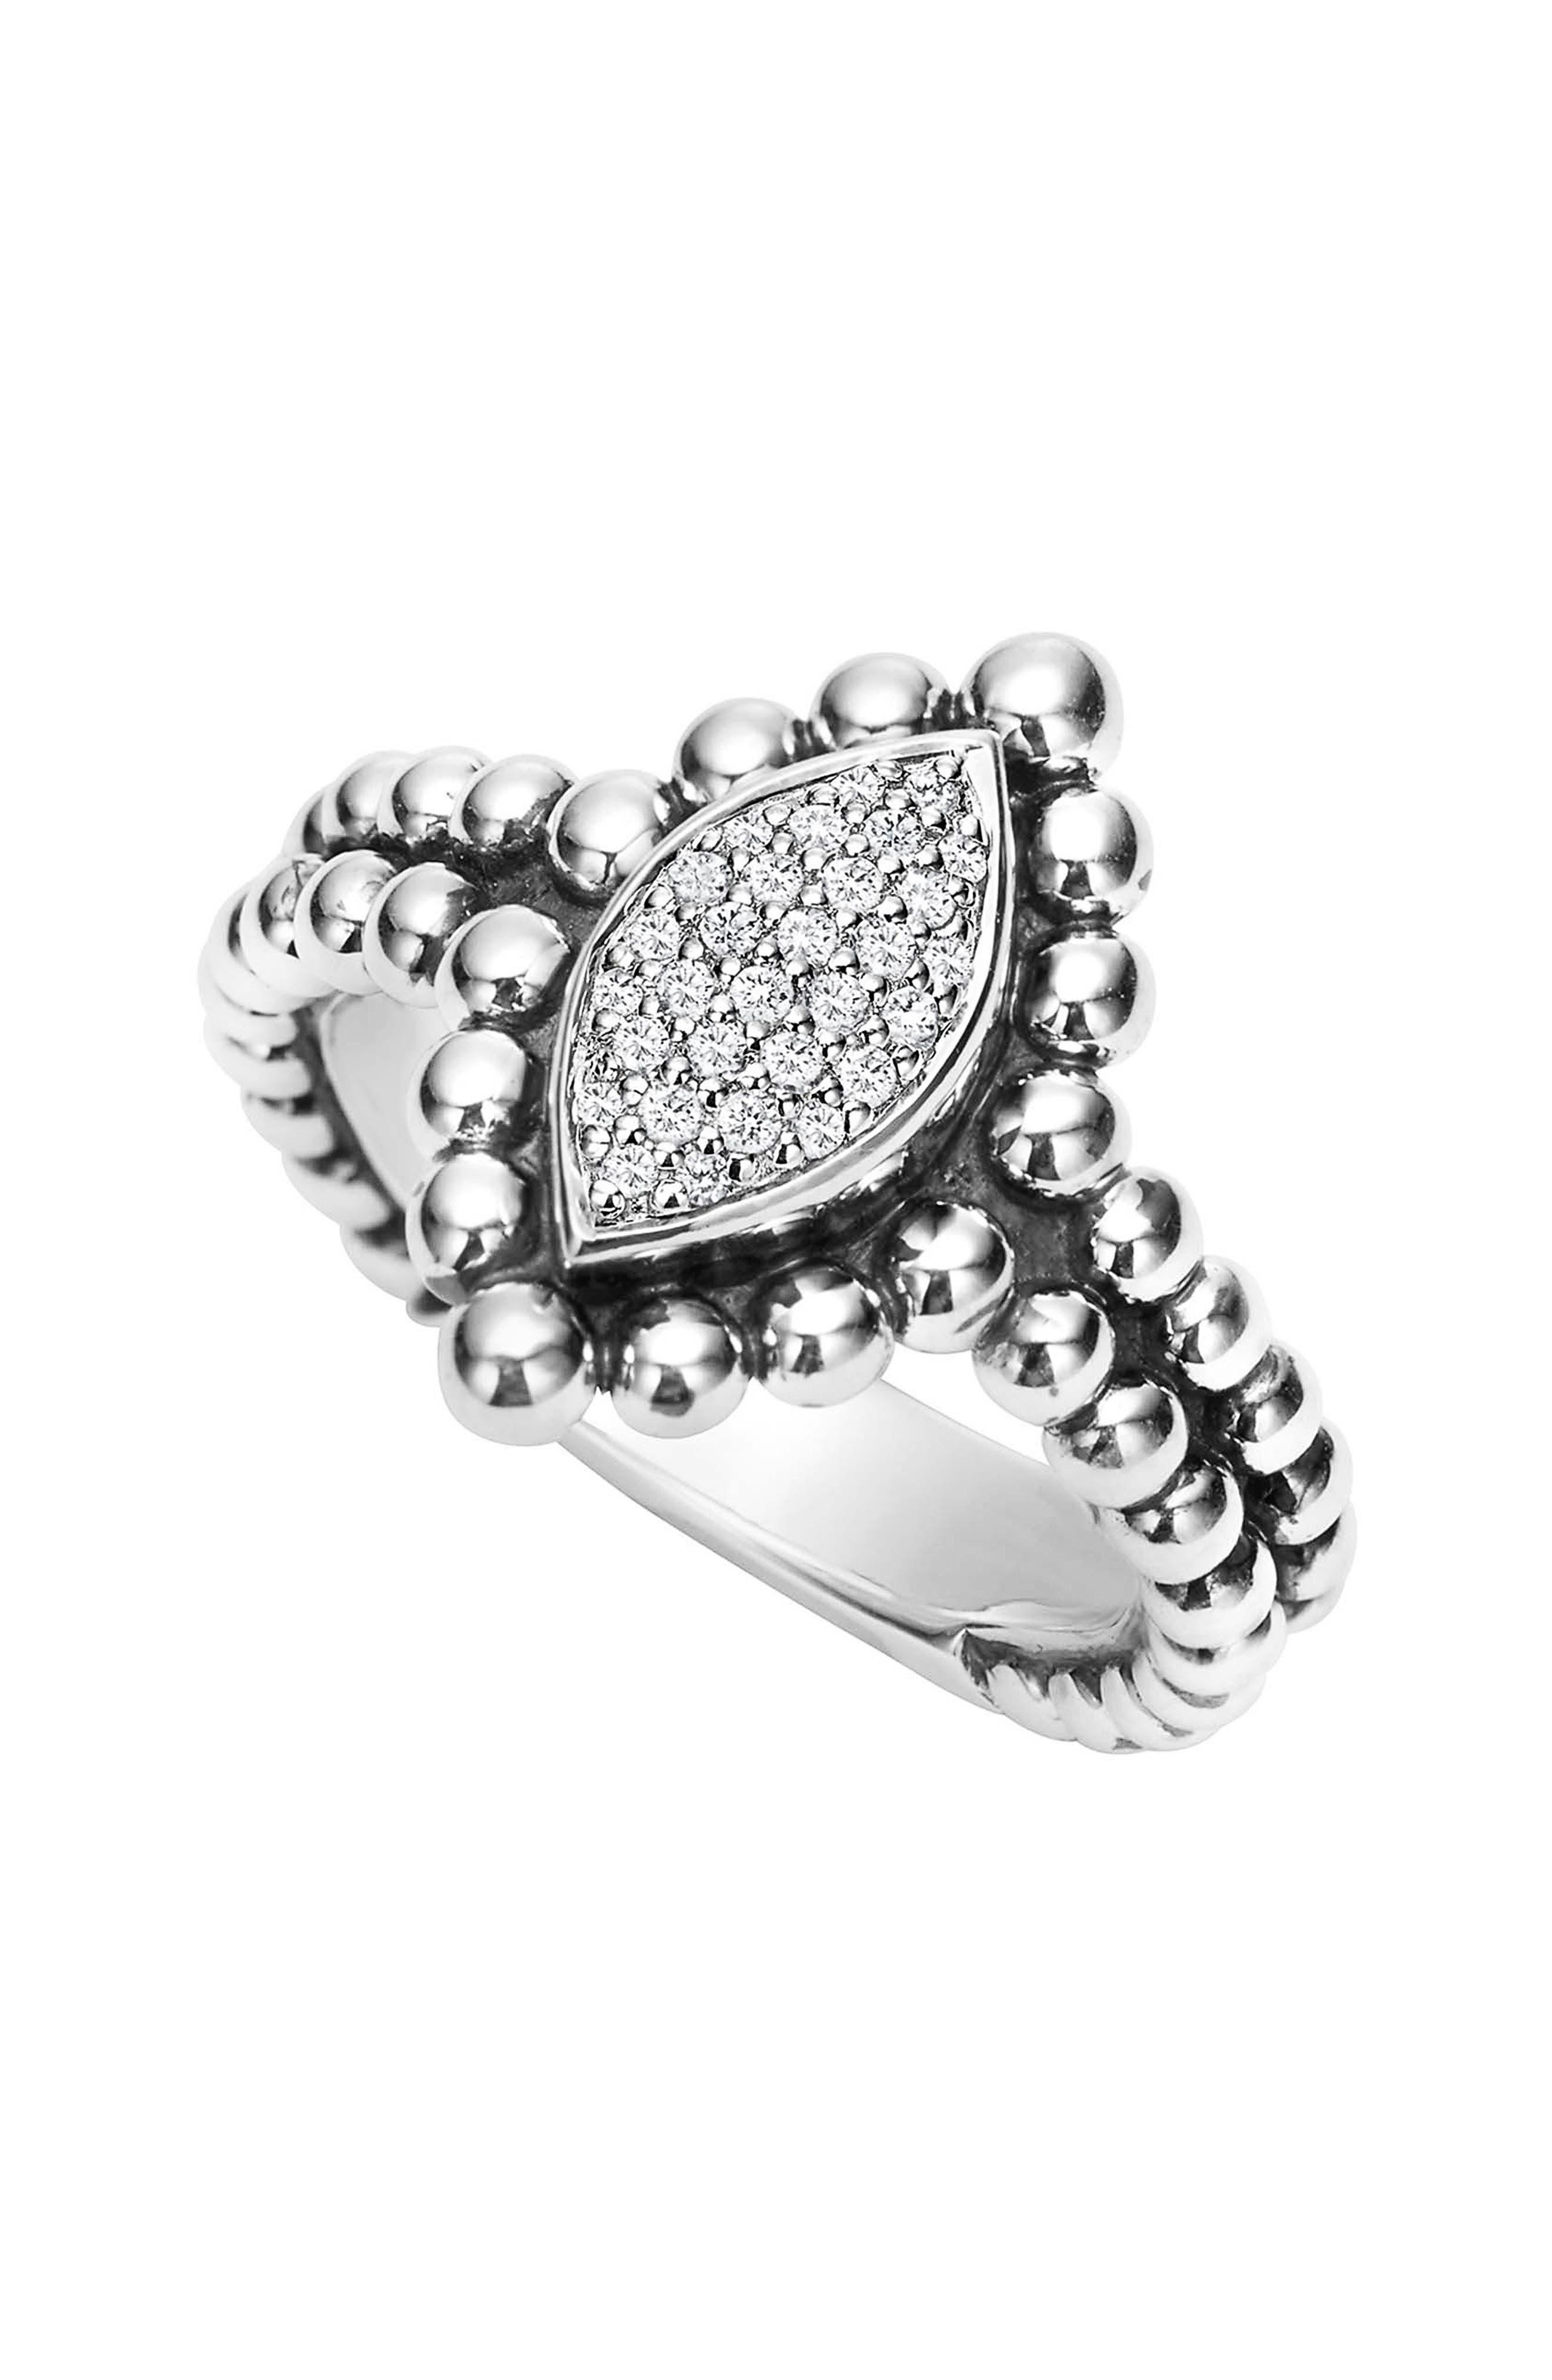 Caviar Spark Diamond Marquise Ring,                         Main,                         color, SILVER/ DIAMOND